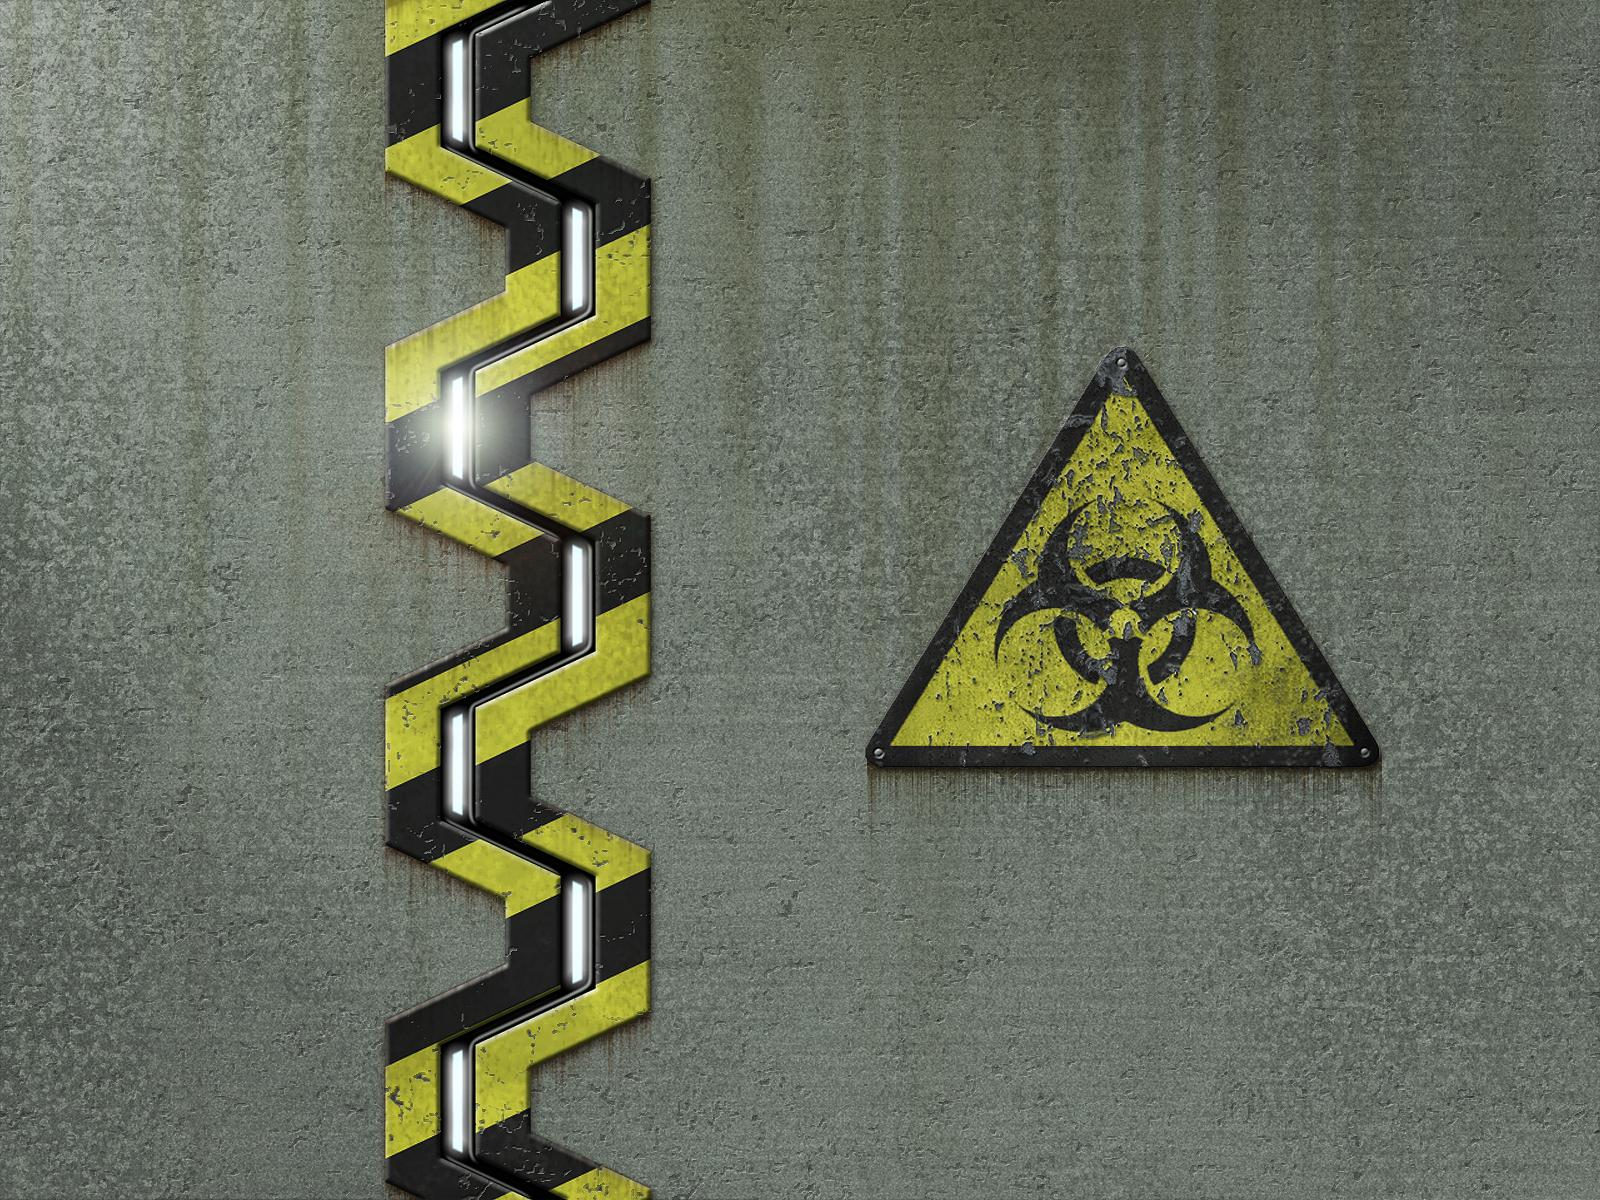 Biohazard Symbol Hd Wallpaper PicsWallpapercom 1600x1200